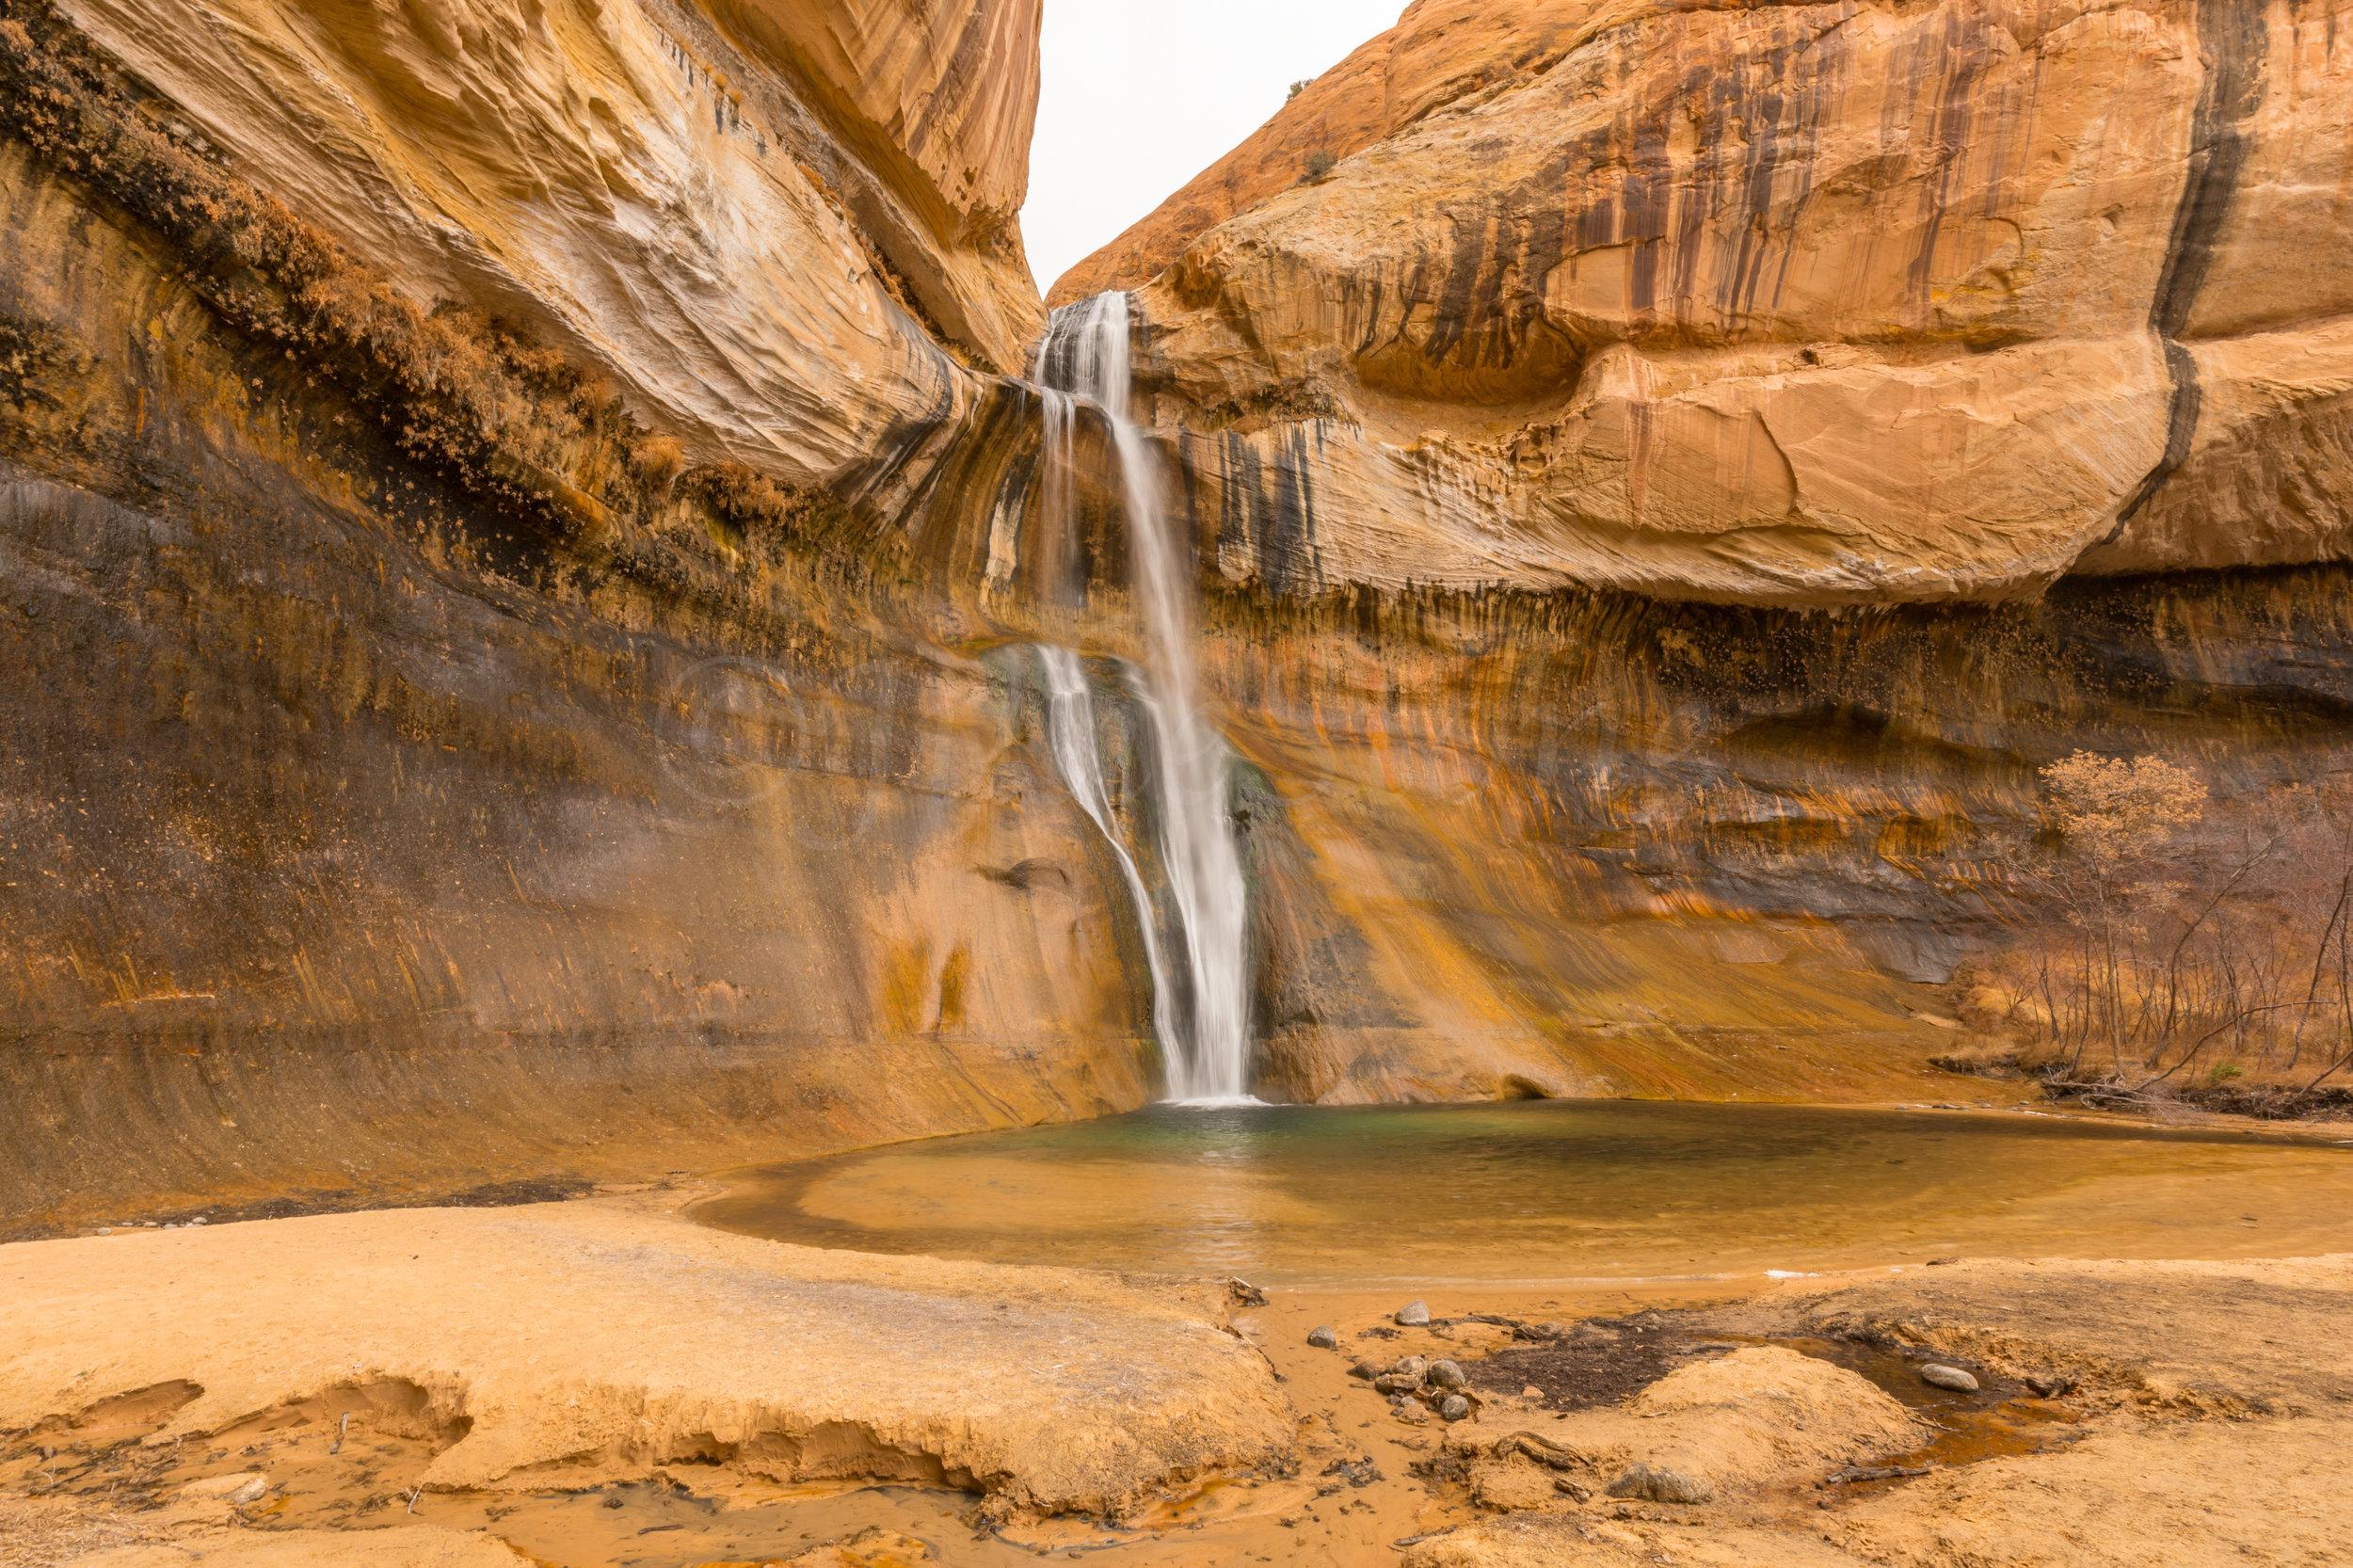 Lower Calf Creek Falls, Image # 3432